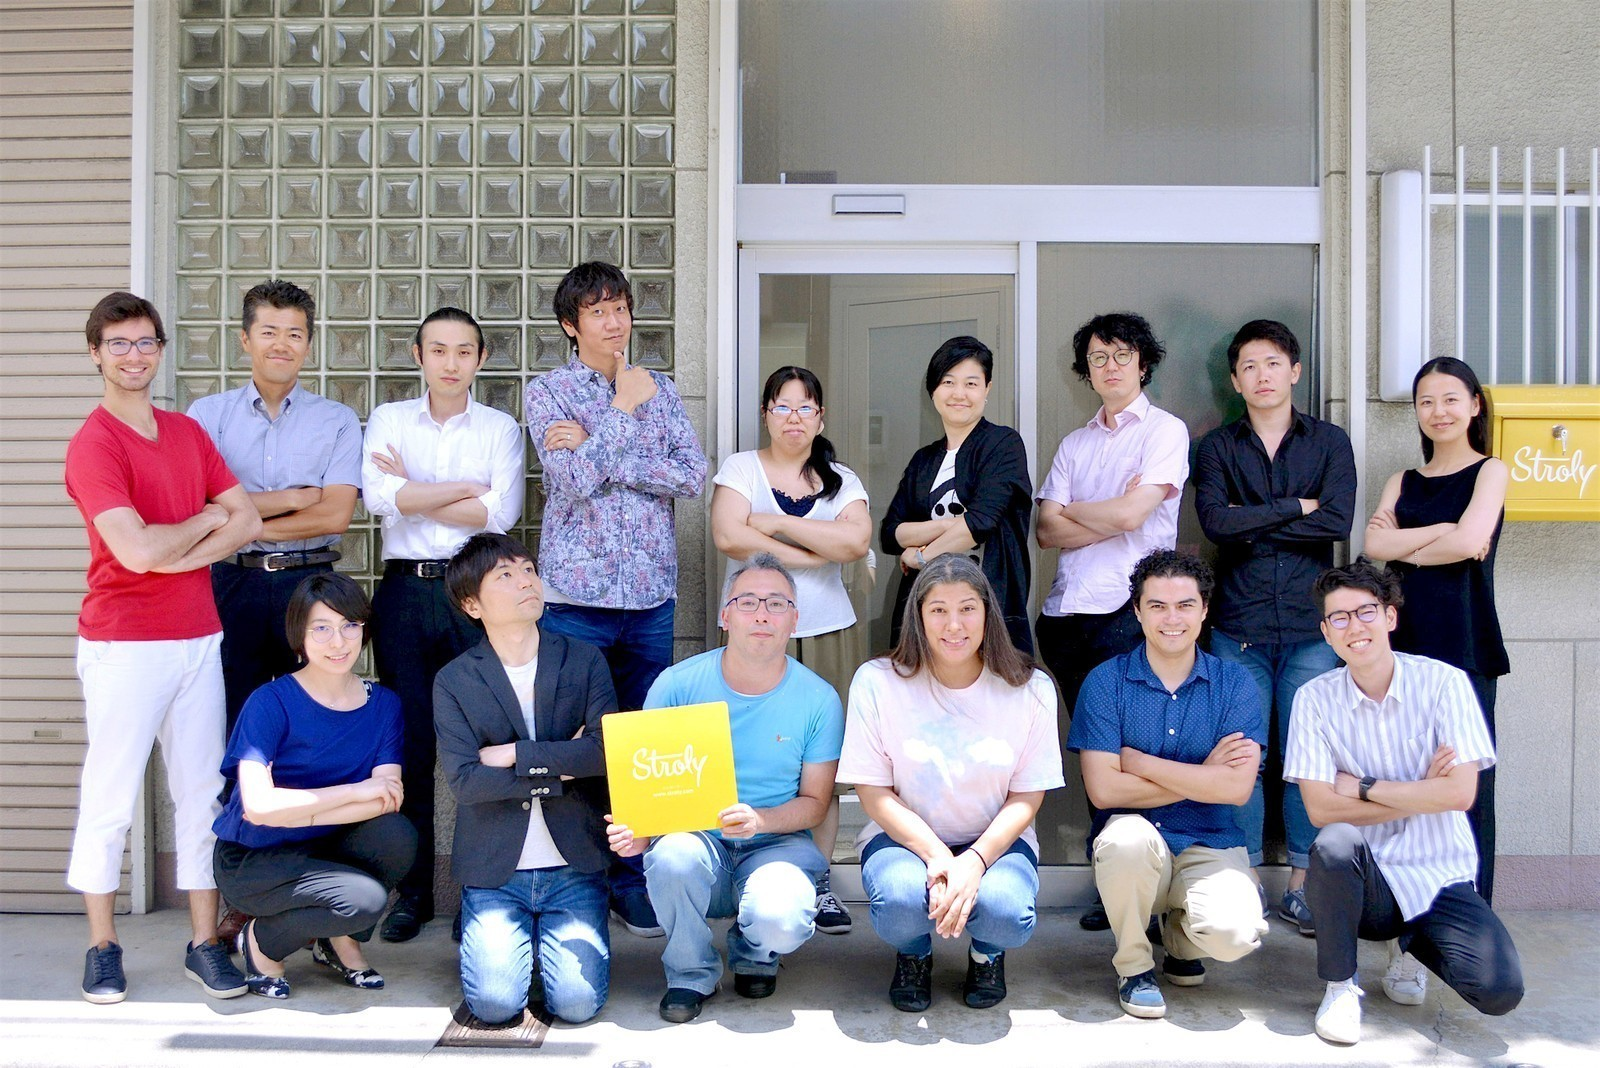 SXSWピッチ2019に登壇!オンライン地図プラットフォームStroly開発のテックリードエンジニアを募集(東京勤務)